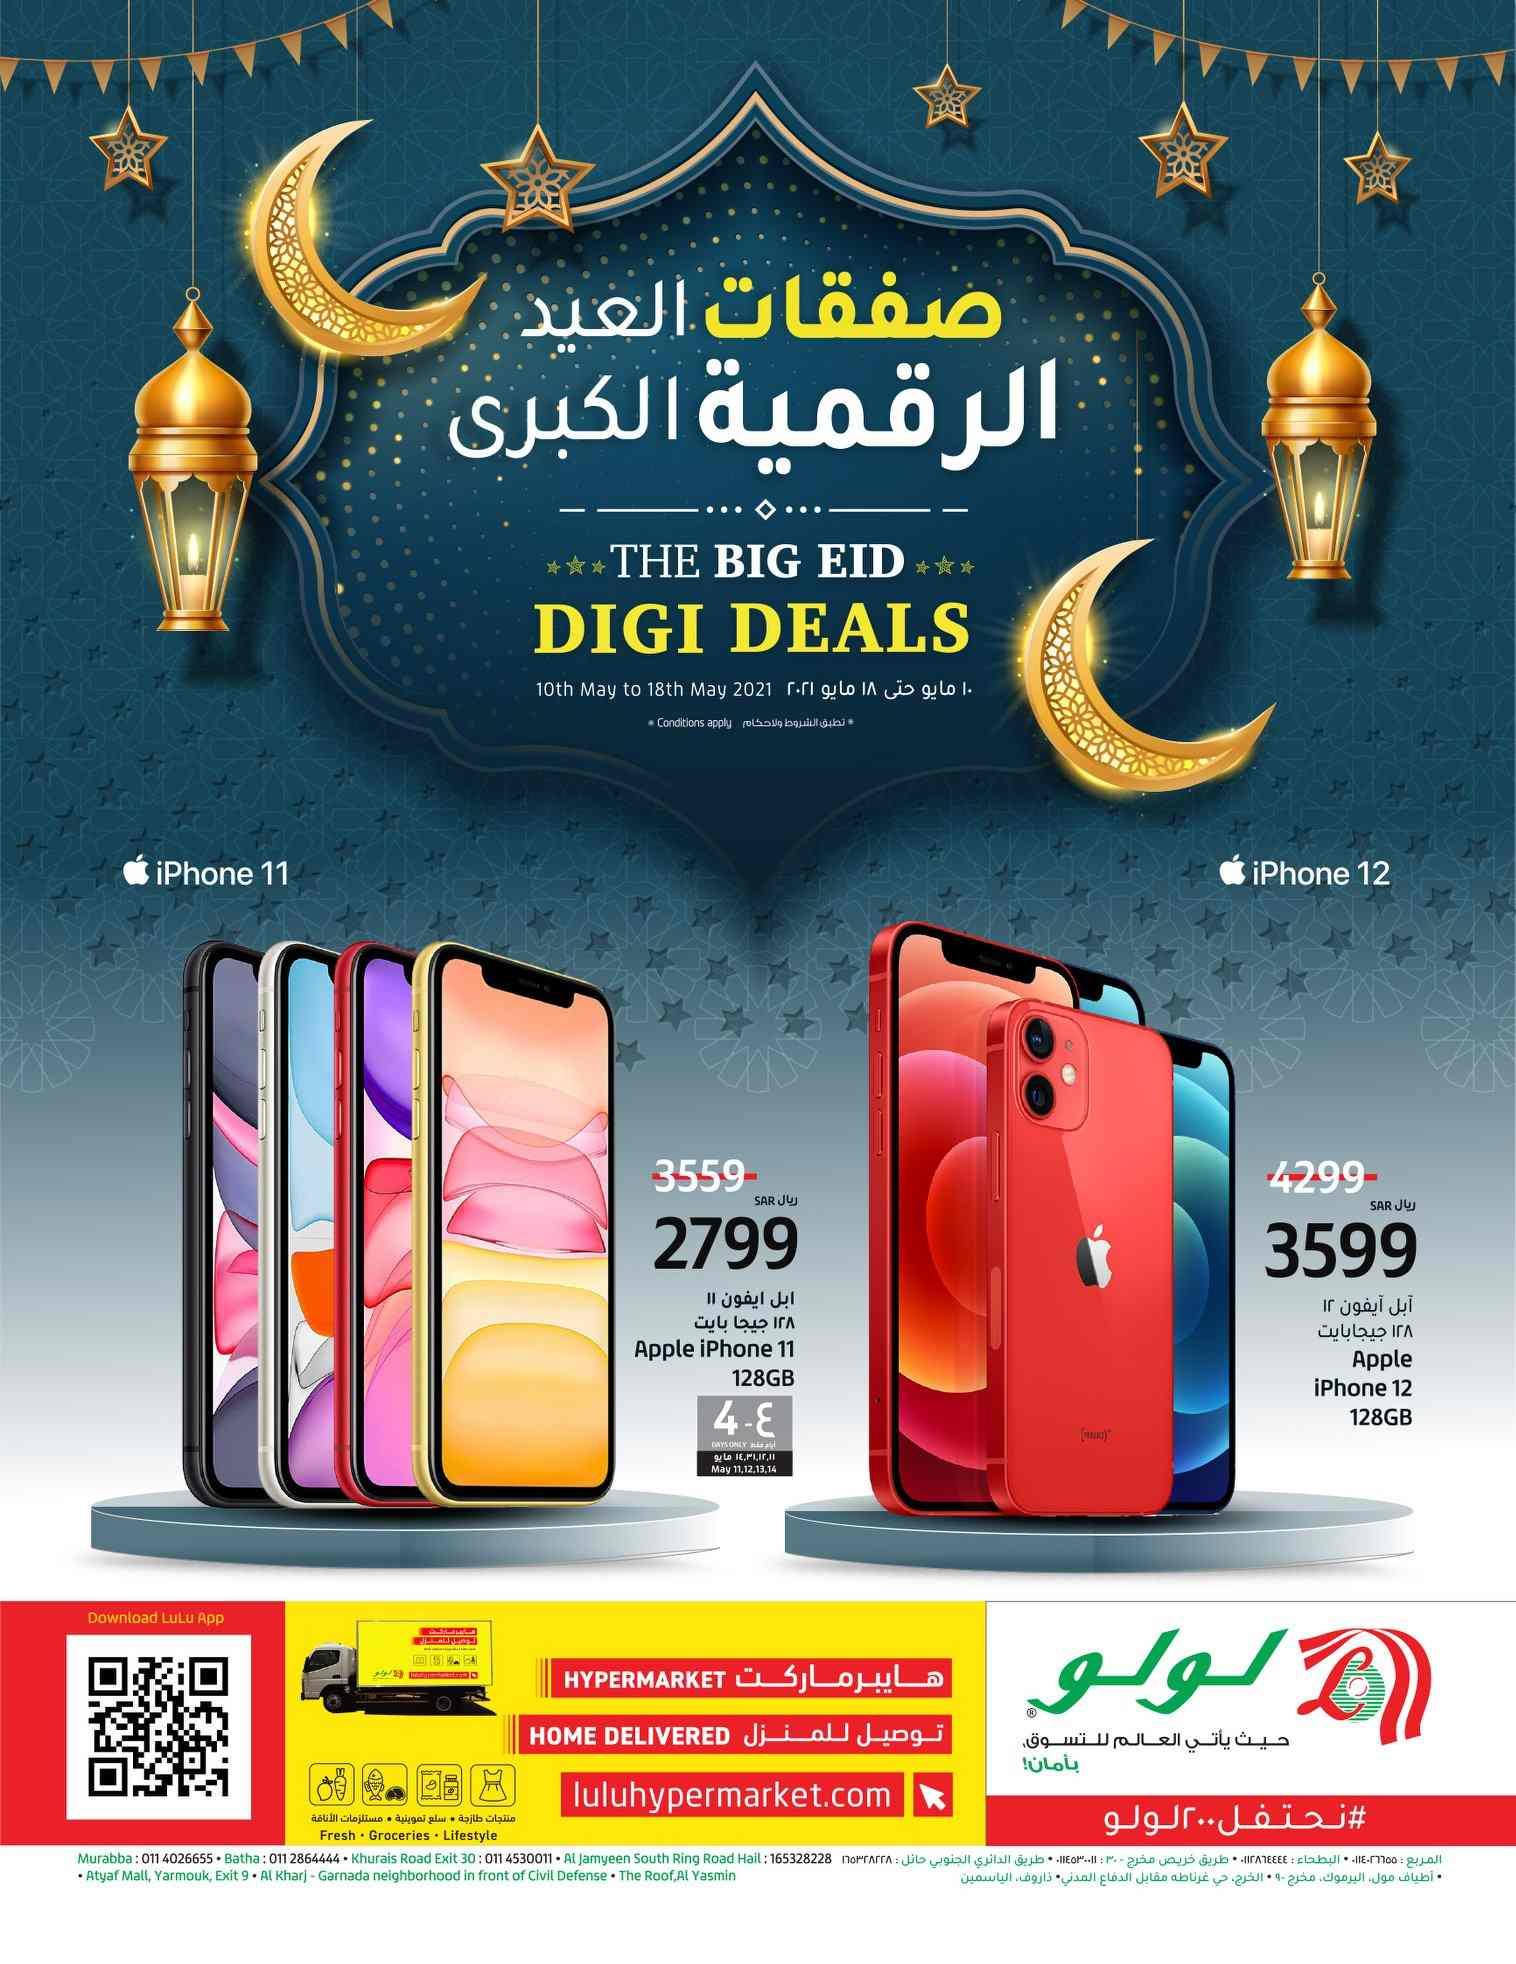 عروض لولو الرياض اليوم 10 مايو حتى 18 مايو 2021 صفقات العيد الرقمية